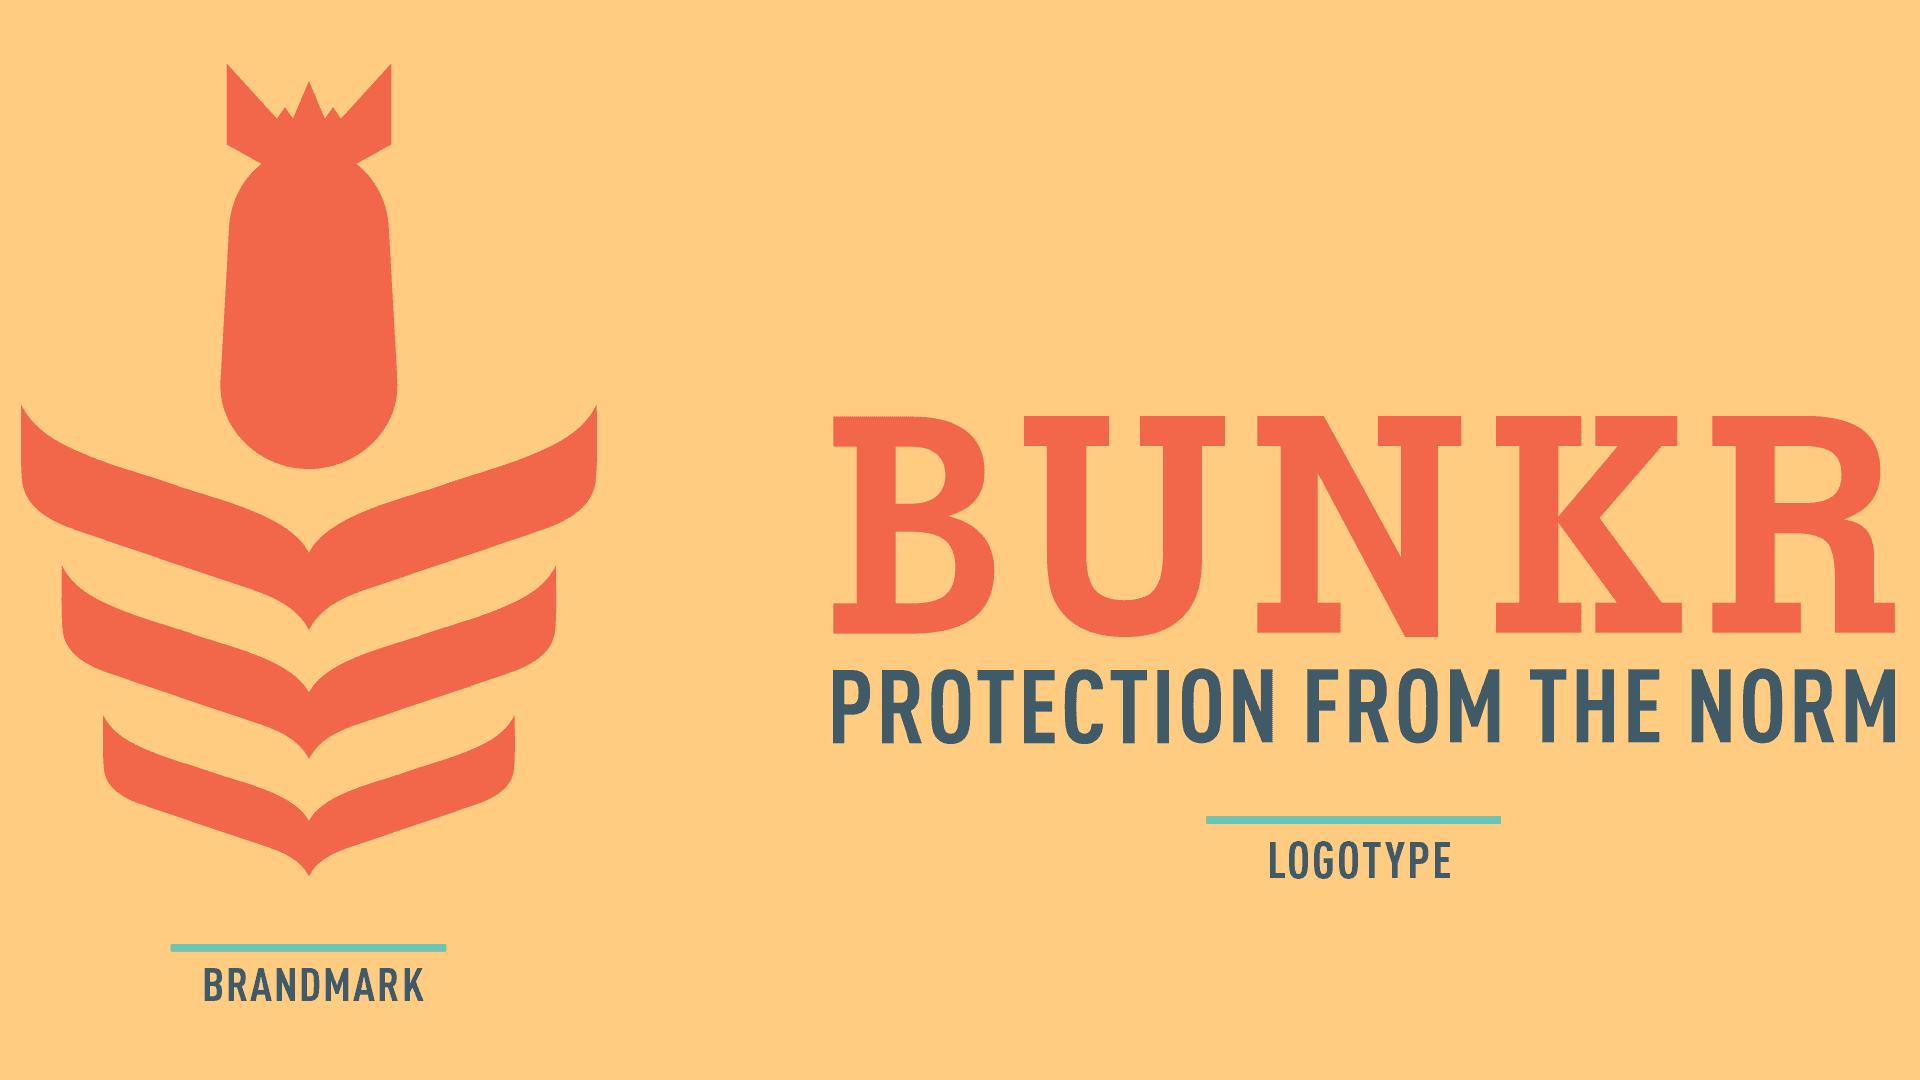 bunkr-logomarklogotype